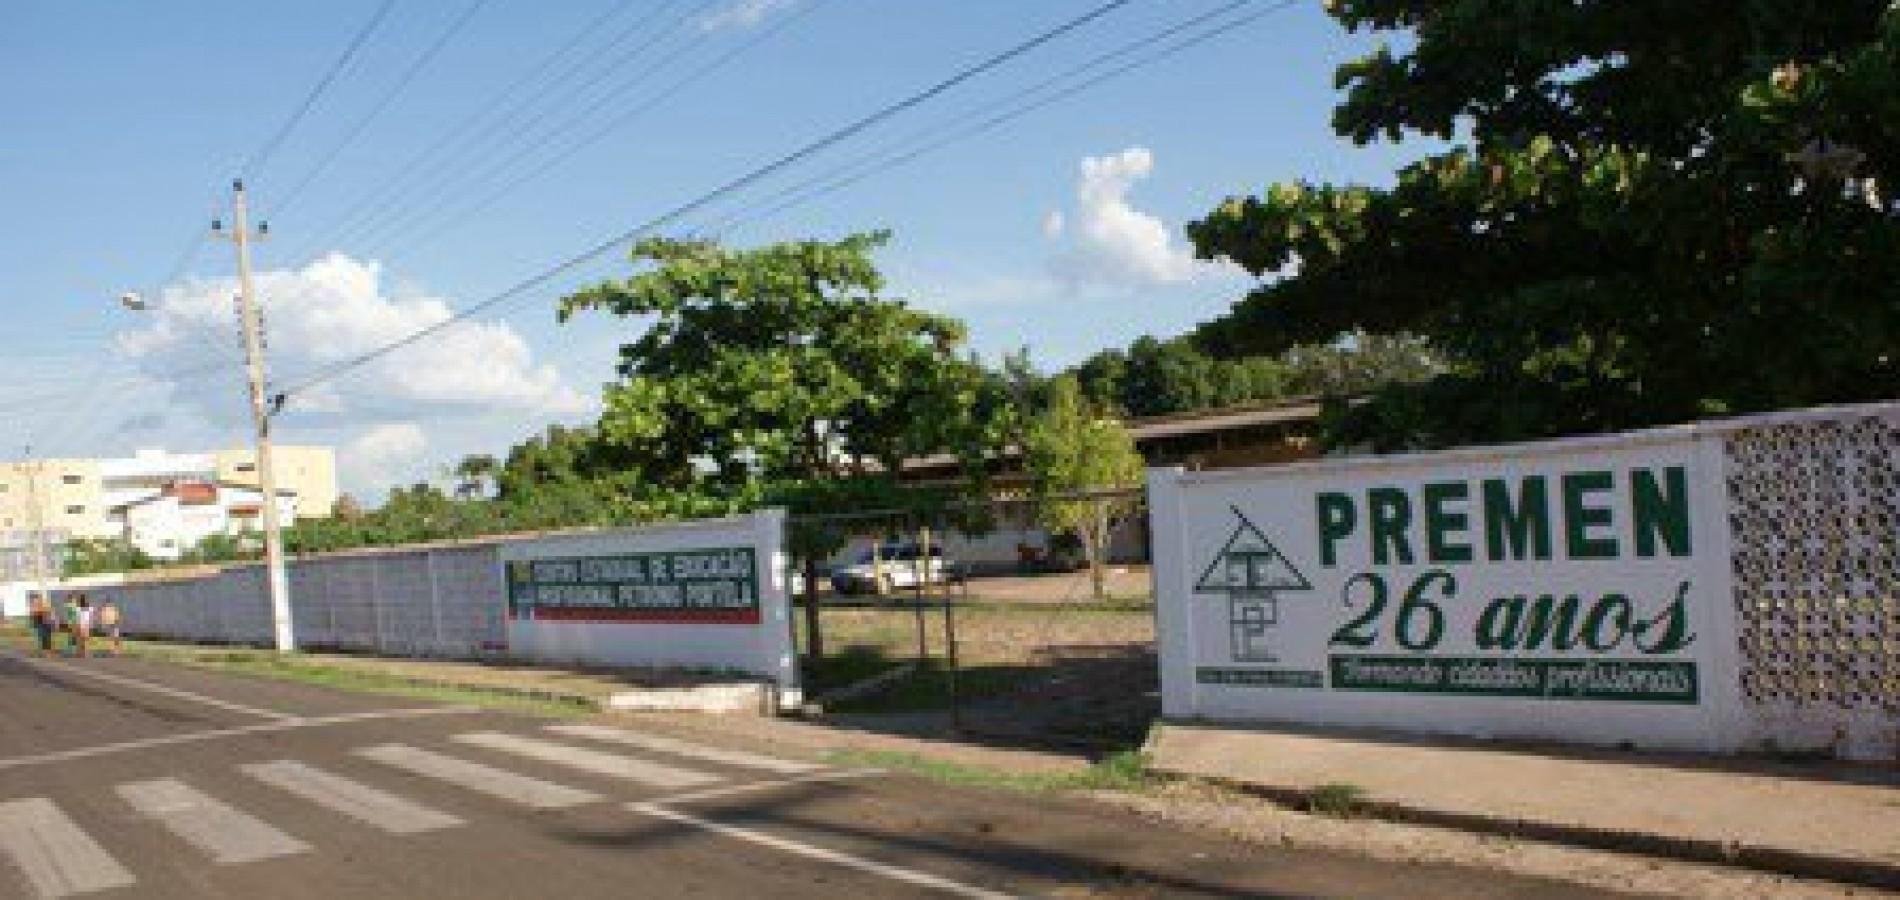 Após reforma de R$ 2 milhões, alunos temem queda de teto de escola em Picos